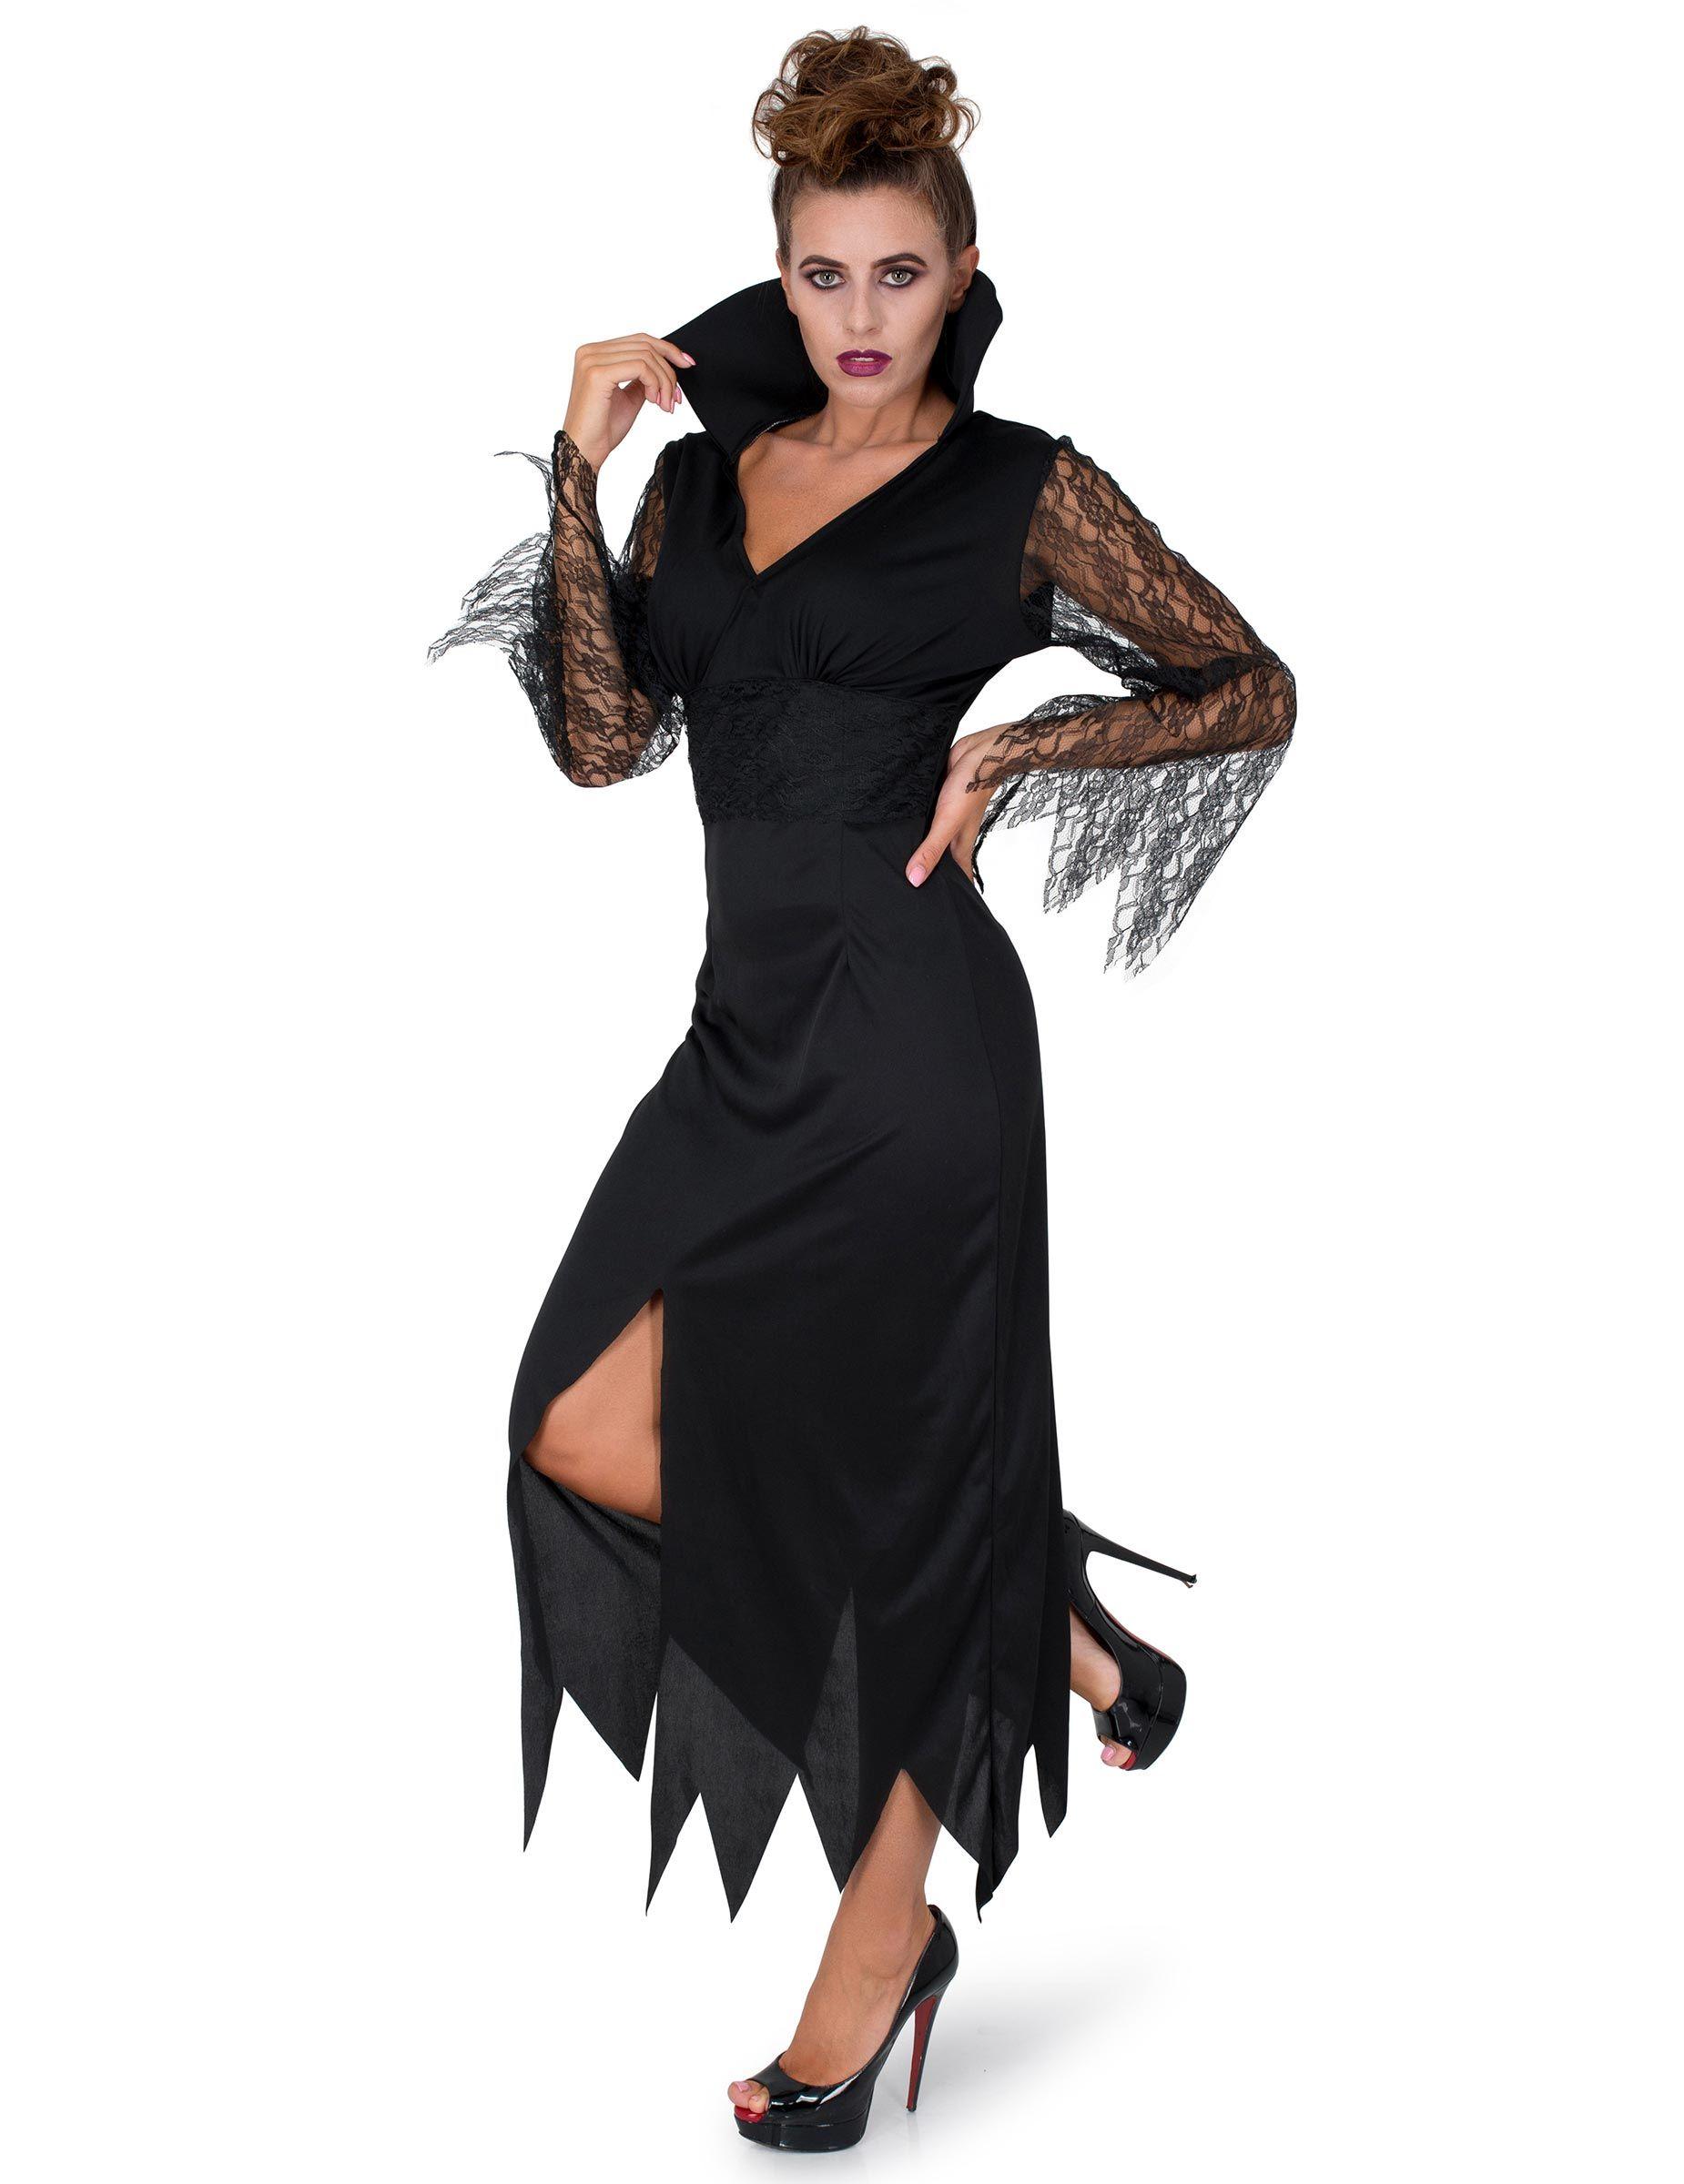 Düstere Zauberin Halloween Gothic-Kostüm für Damen schwarz ...